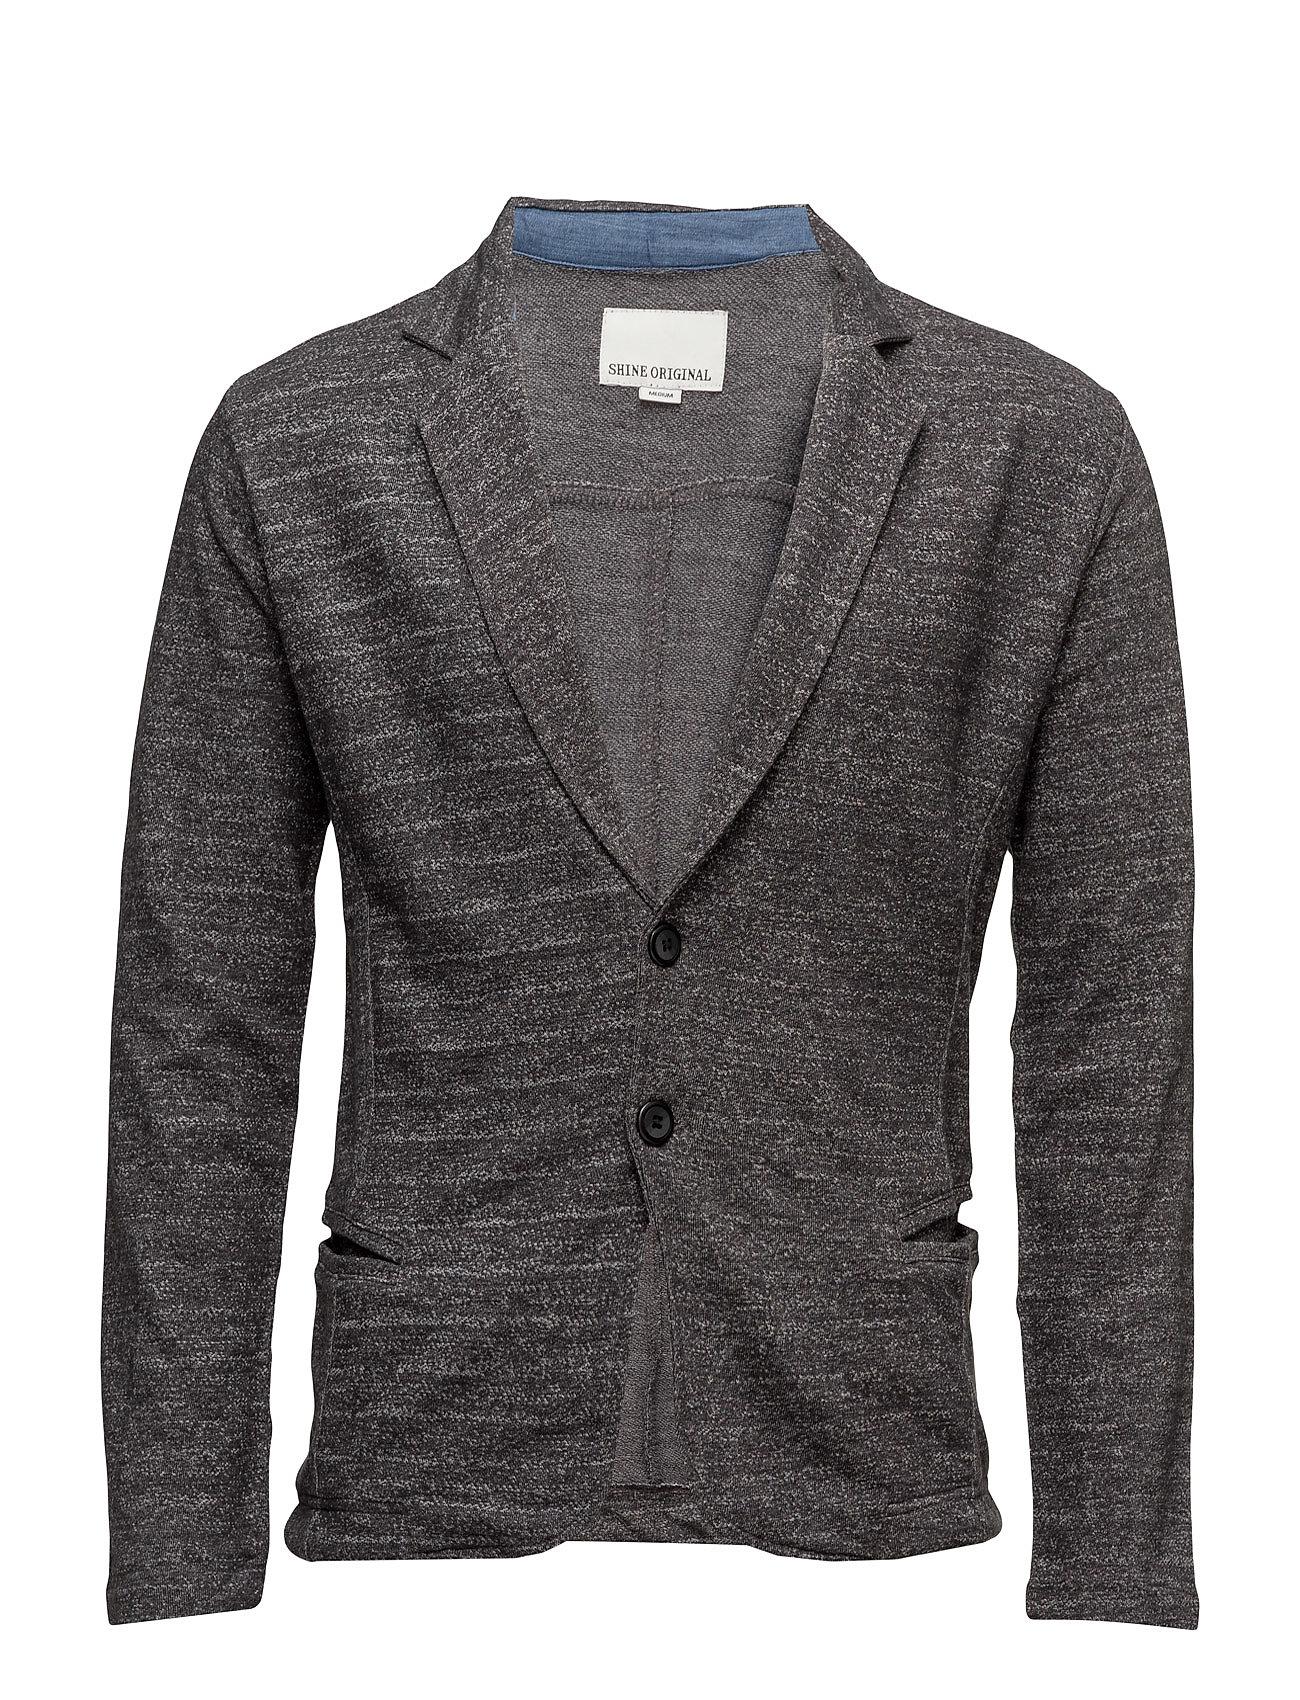 Shine Original Casual blazer